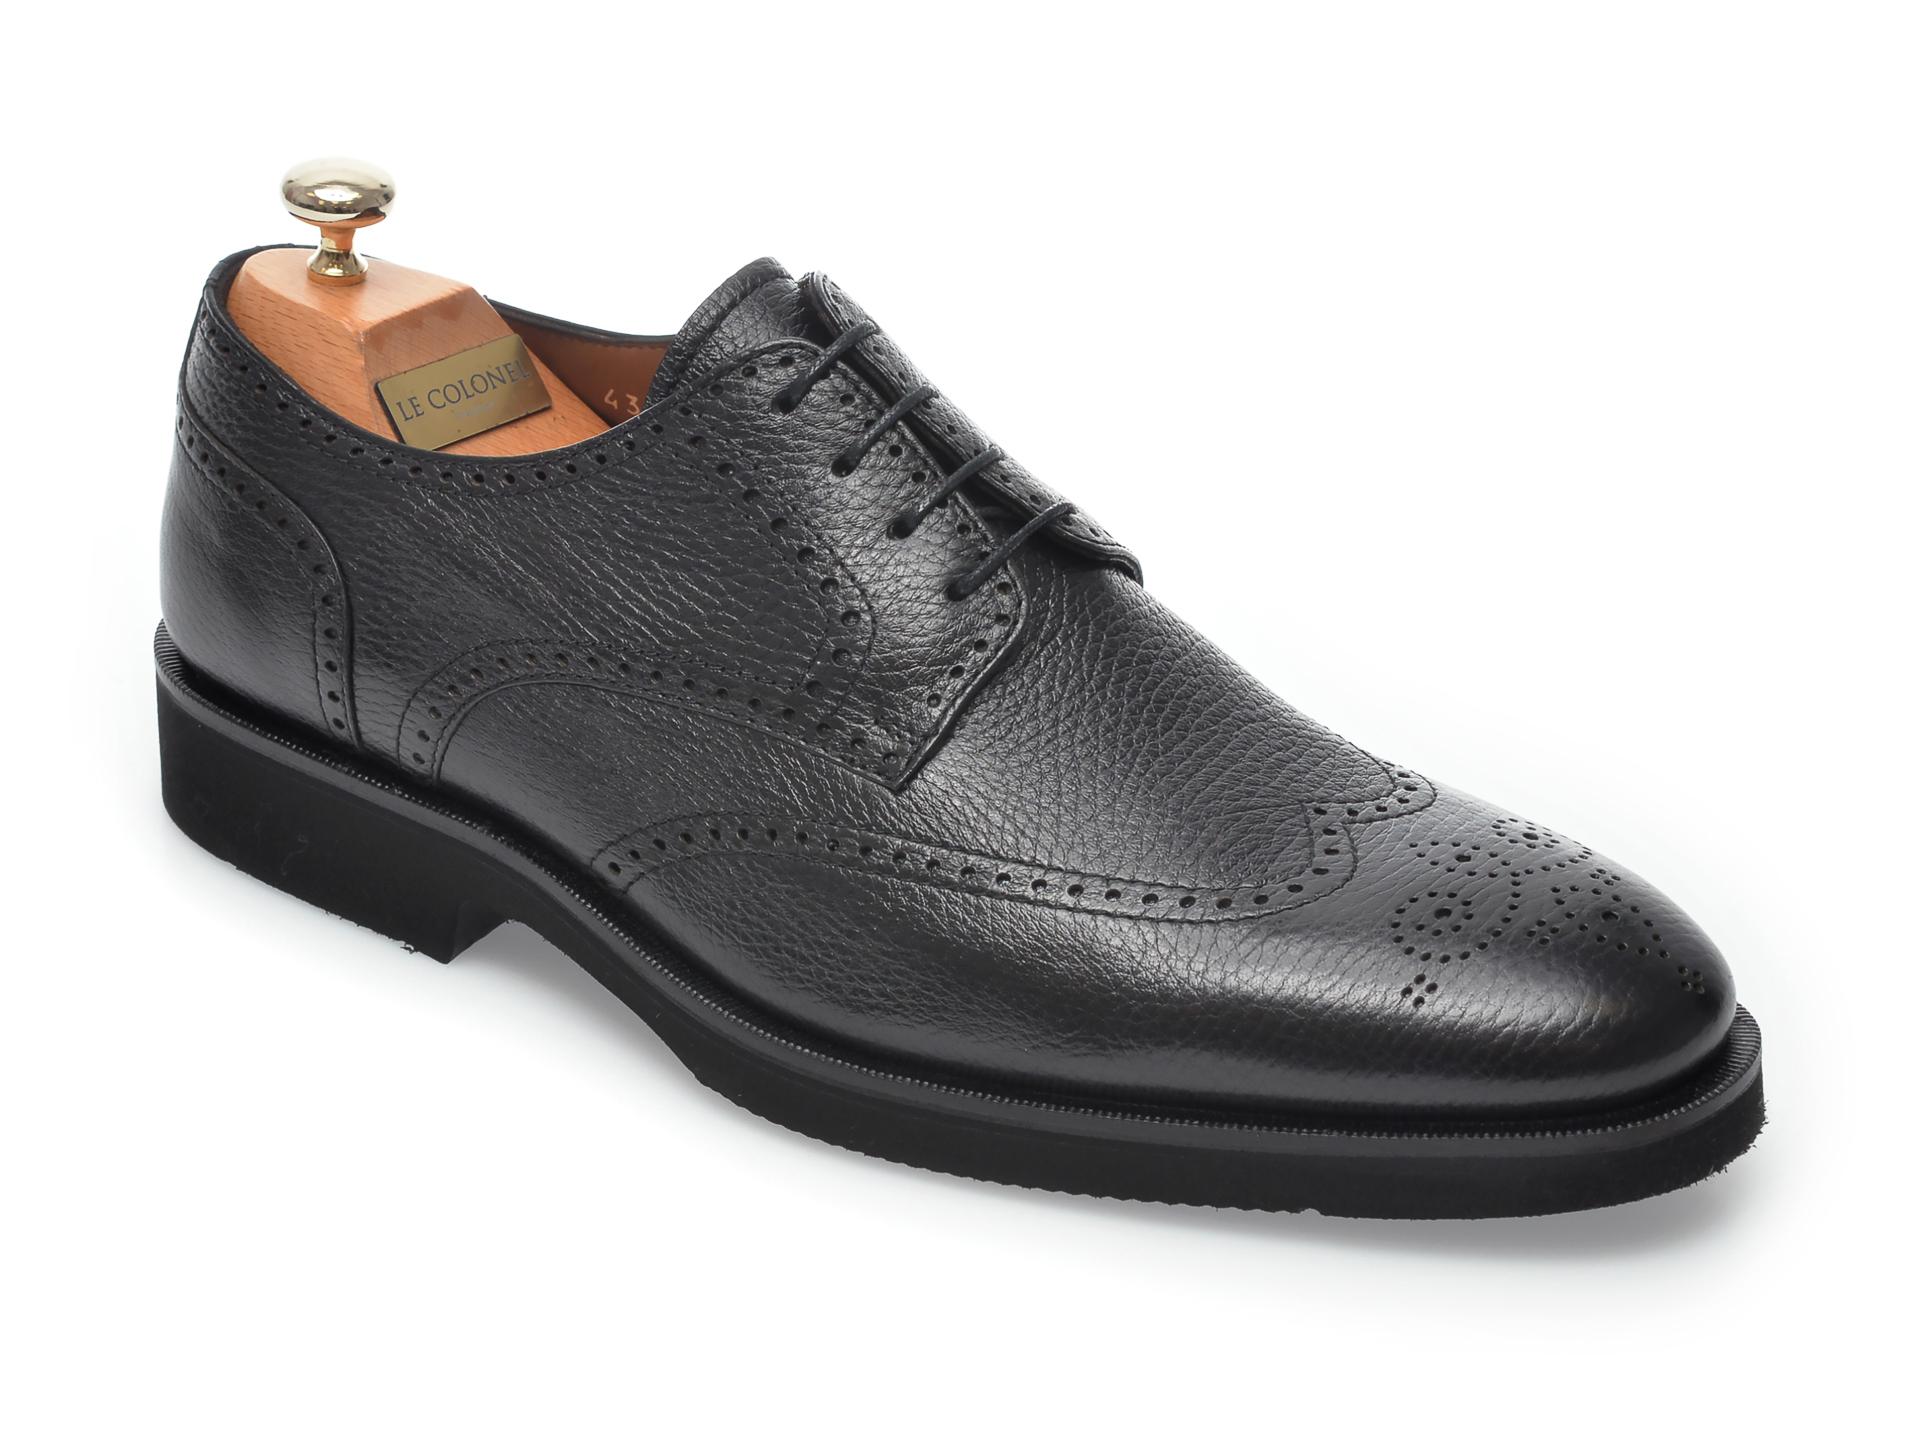 Pantofi LE COLONEL negri, 40911, din piele naturala imagine otter.ro 2021